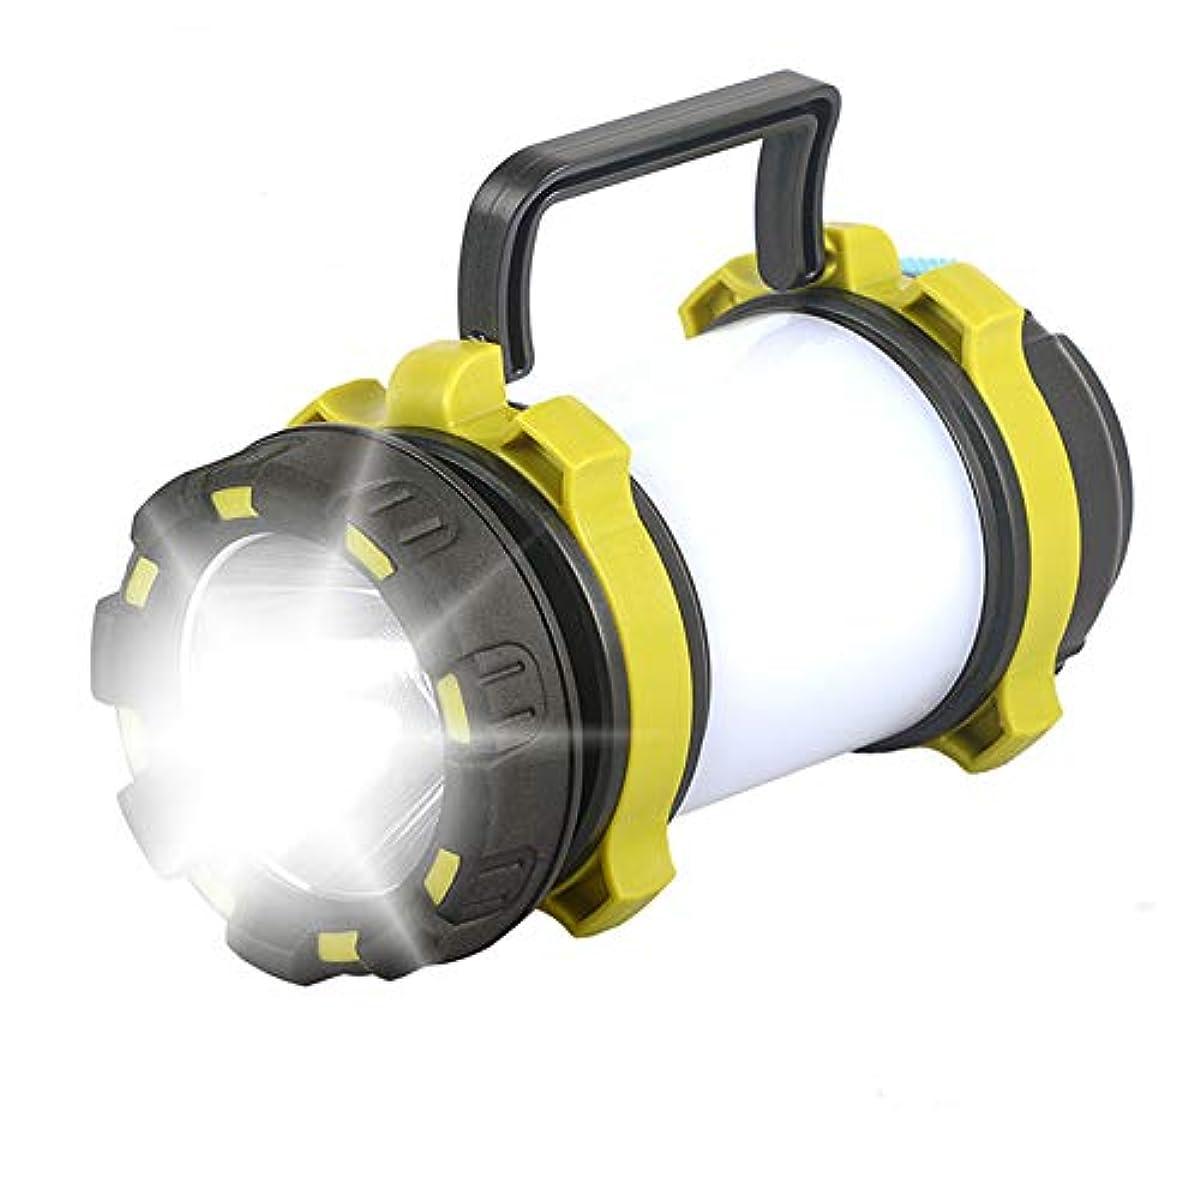 [해외] REUYER LED 랜턴 USB충전식 회중전등 캠프 랜턴 4개 점등 모드 교환 200M원거리 조사 COB 오름 휘도 텐트 라이트 비상용 SOS방재 용품 응급 정전 등산 밤낚시 하이킹